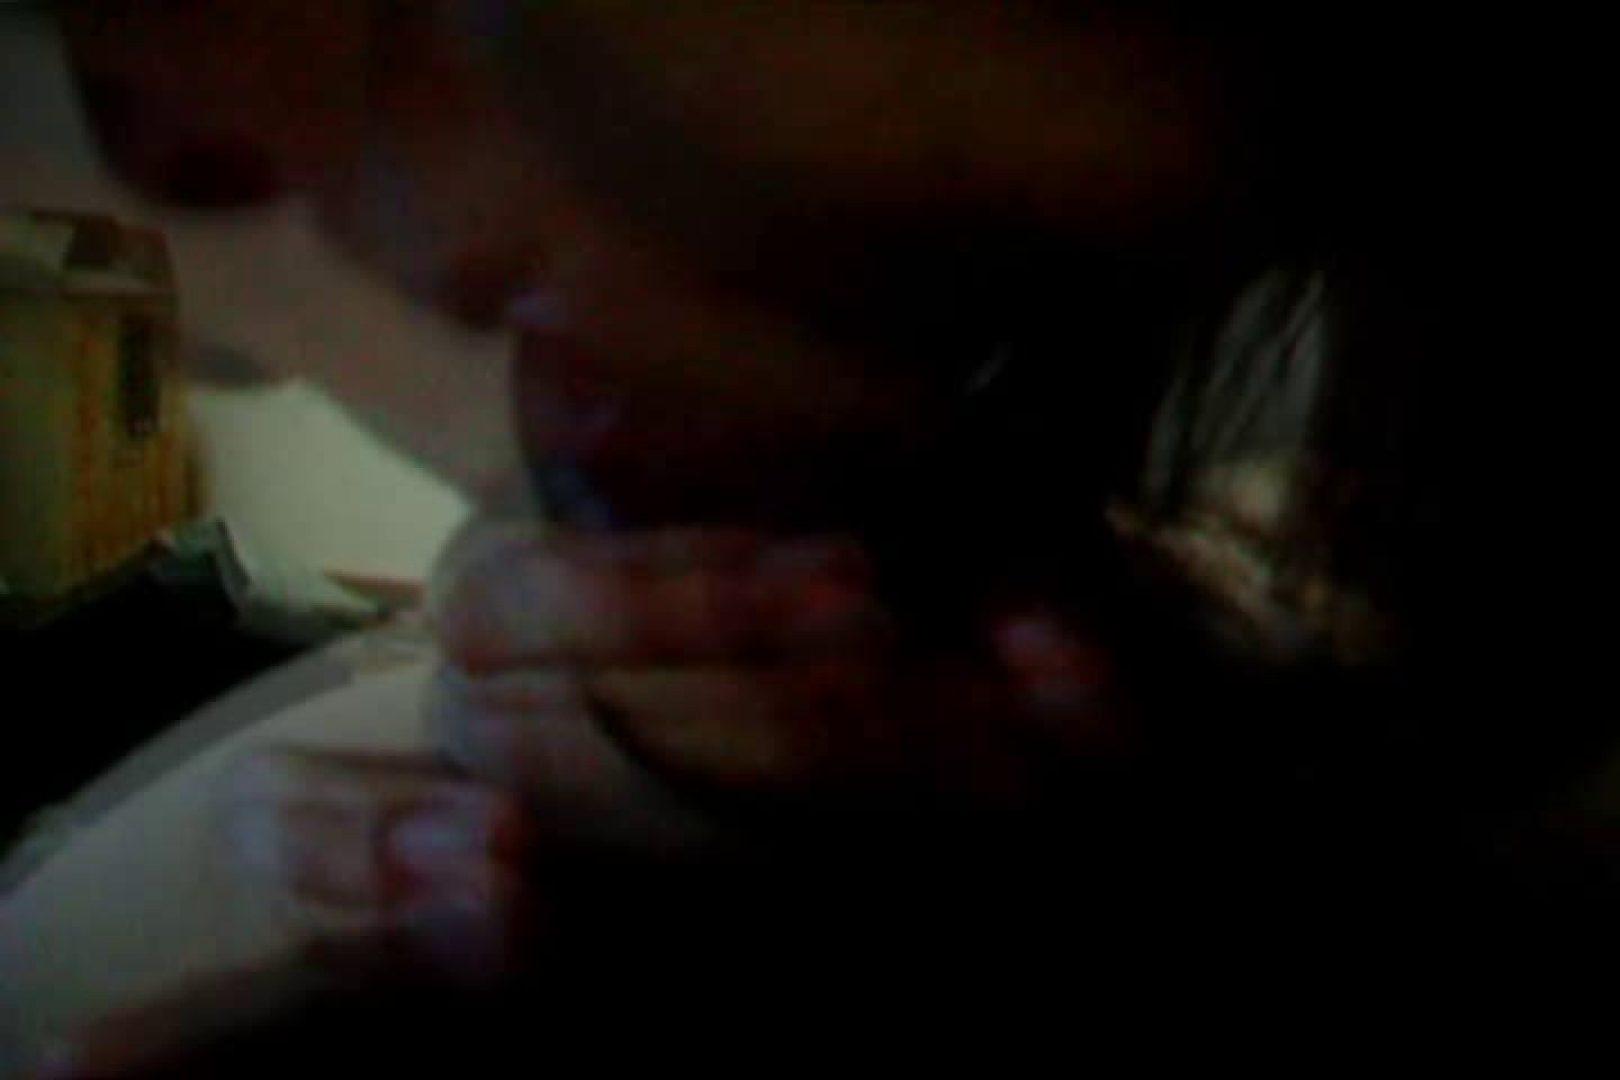 無修正エロ動画|ウイルス流出 鹿児島県庁職員 中瀬瀬久成の流出ビデオ|大奥